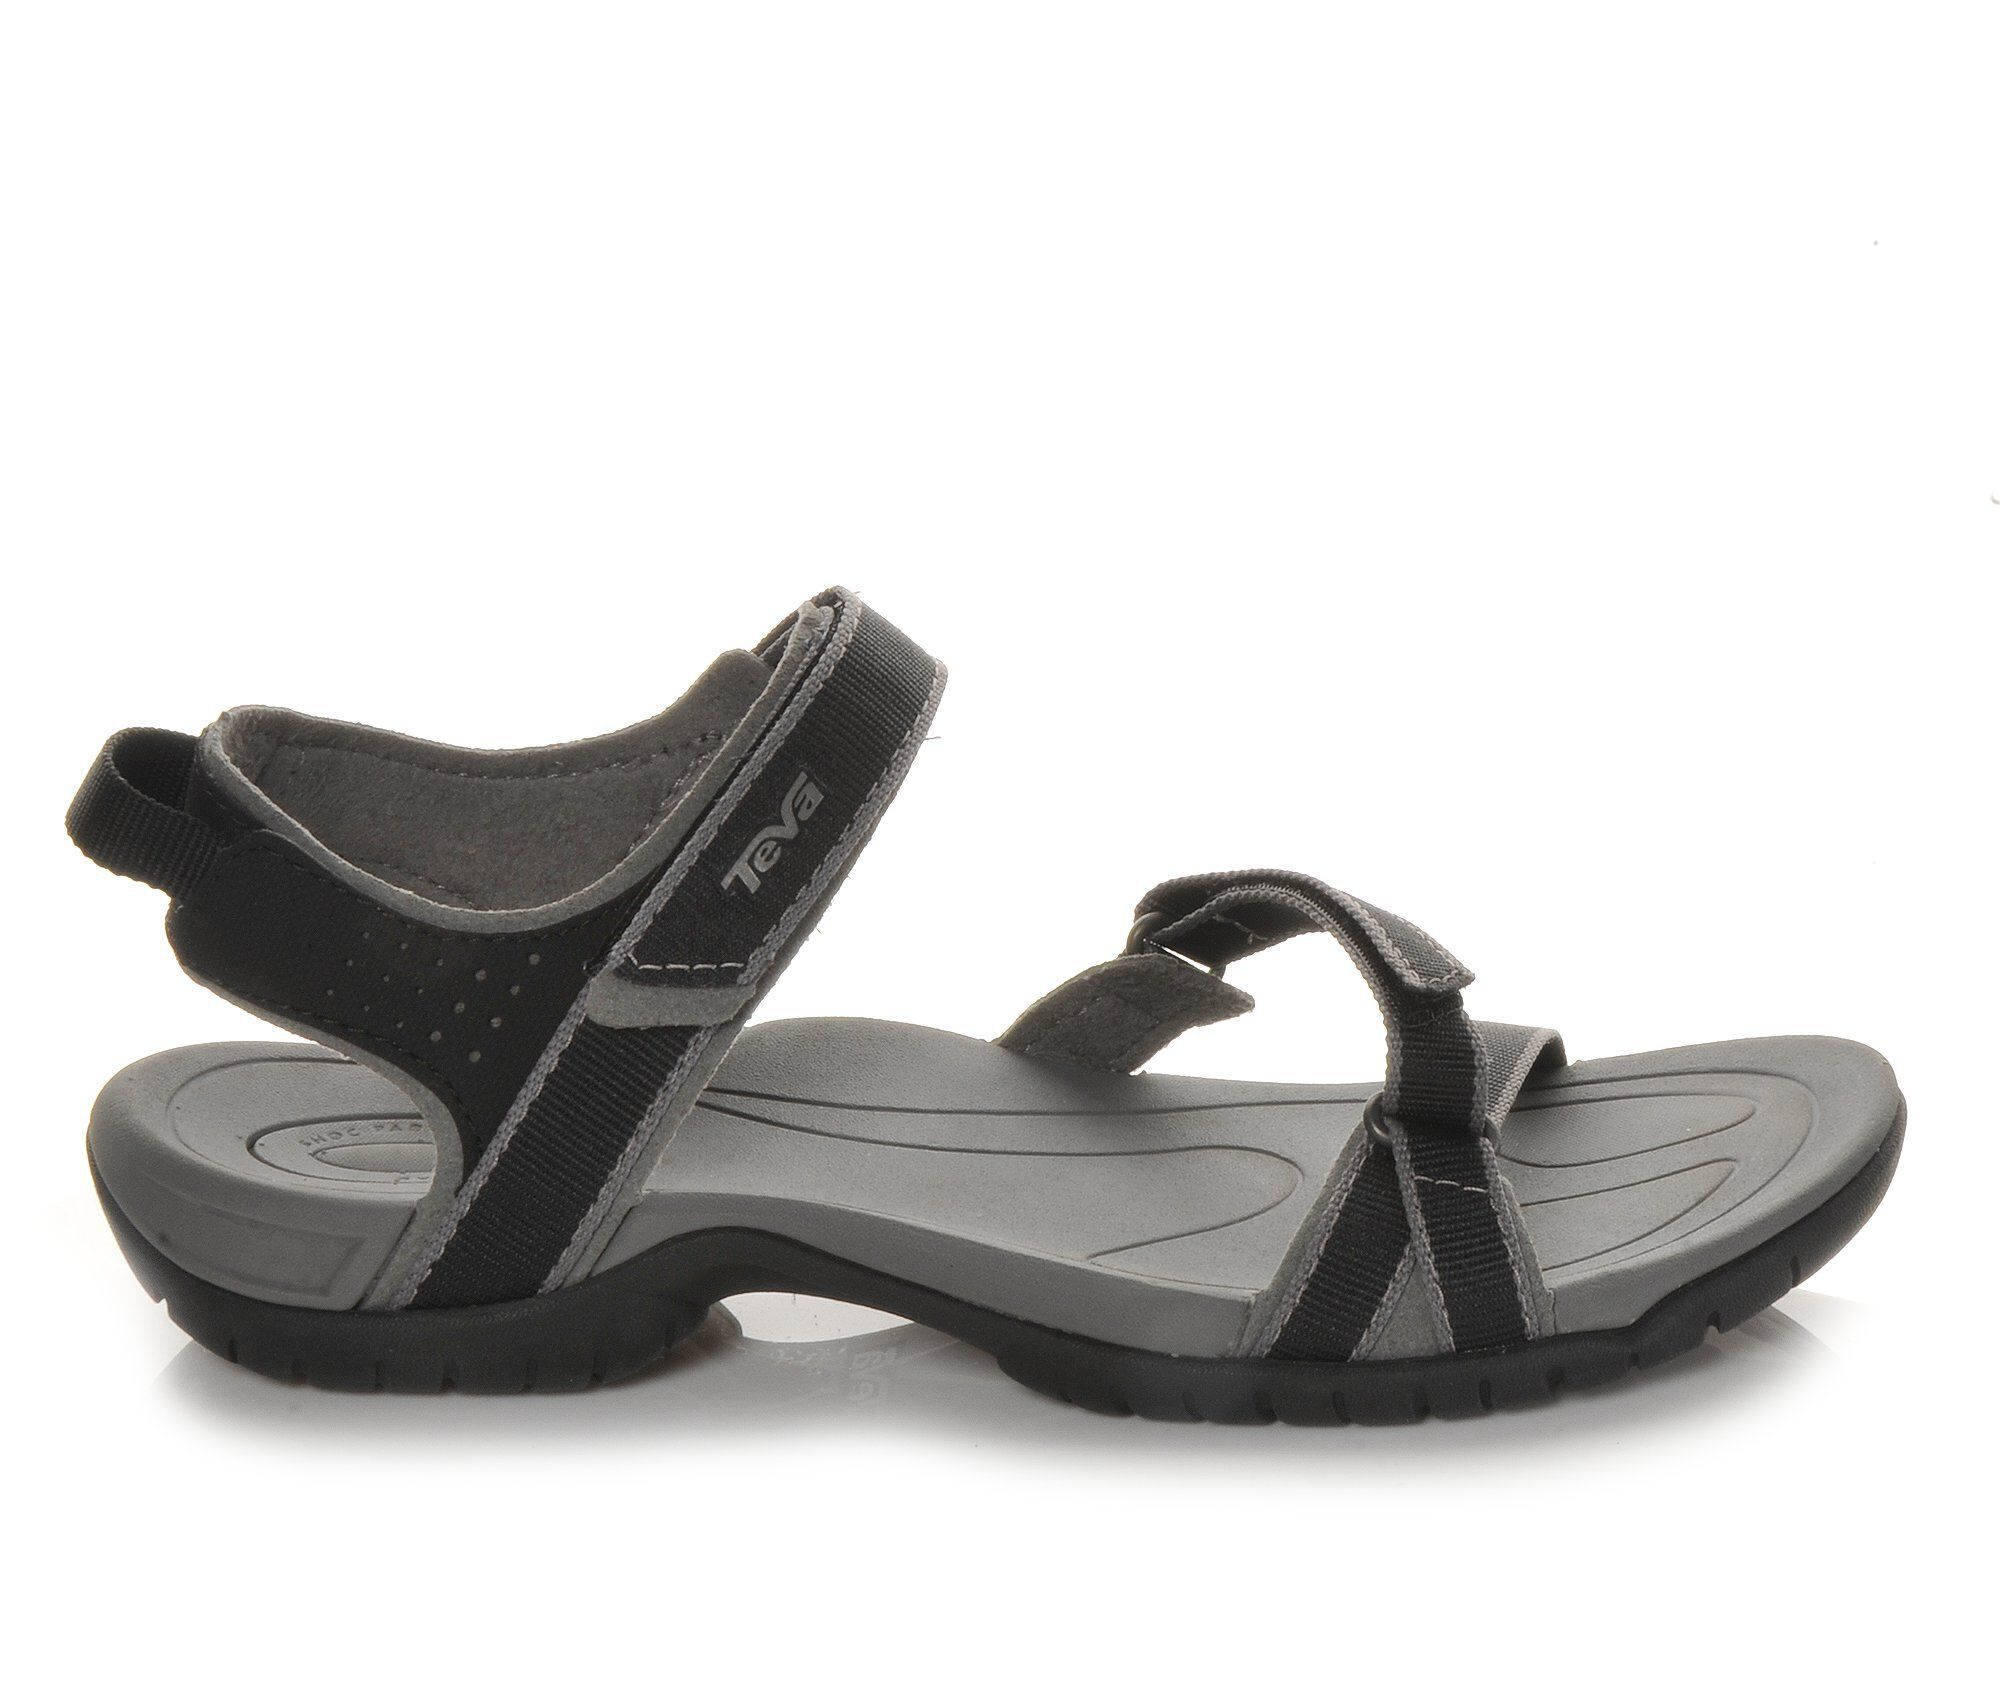 Teva Verra Sport Sandals 8.5 Like new, some wear on soles